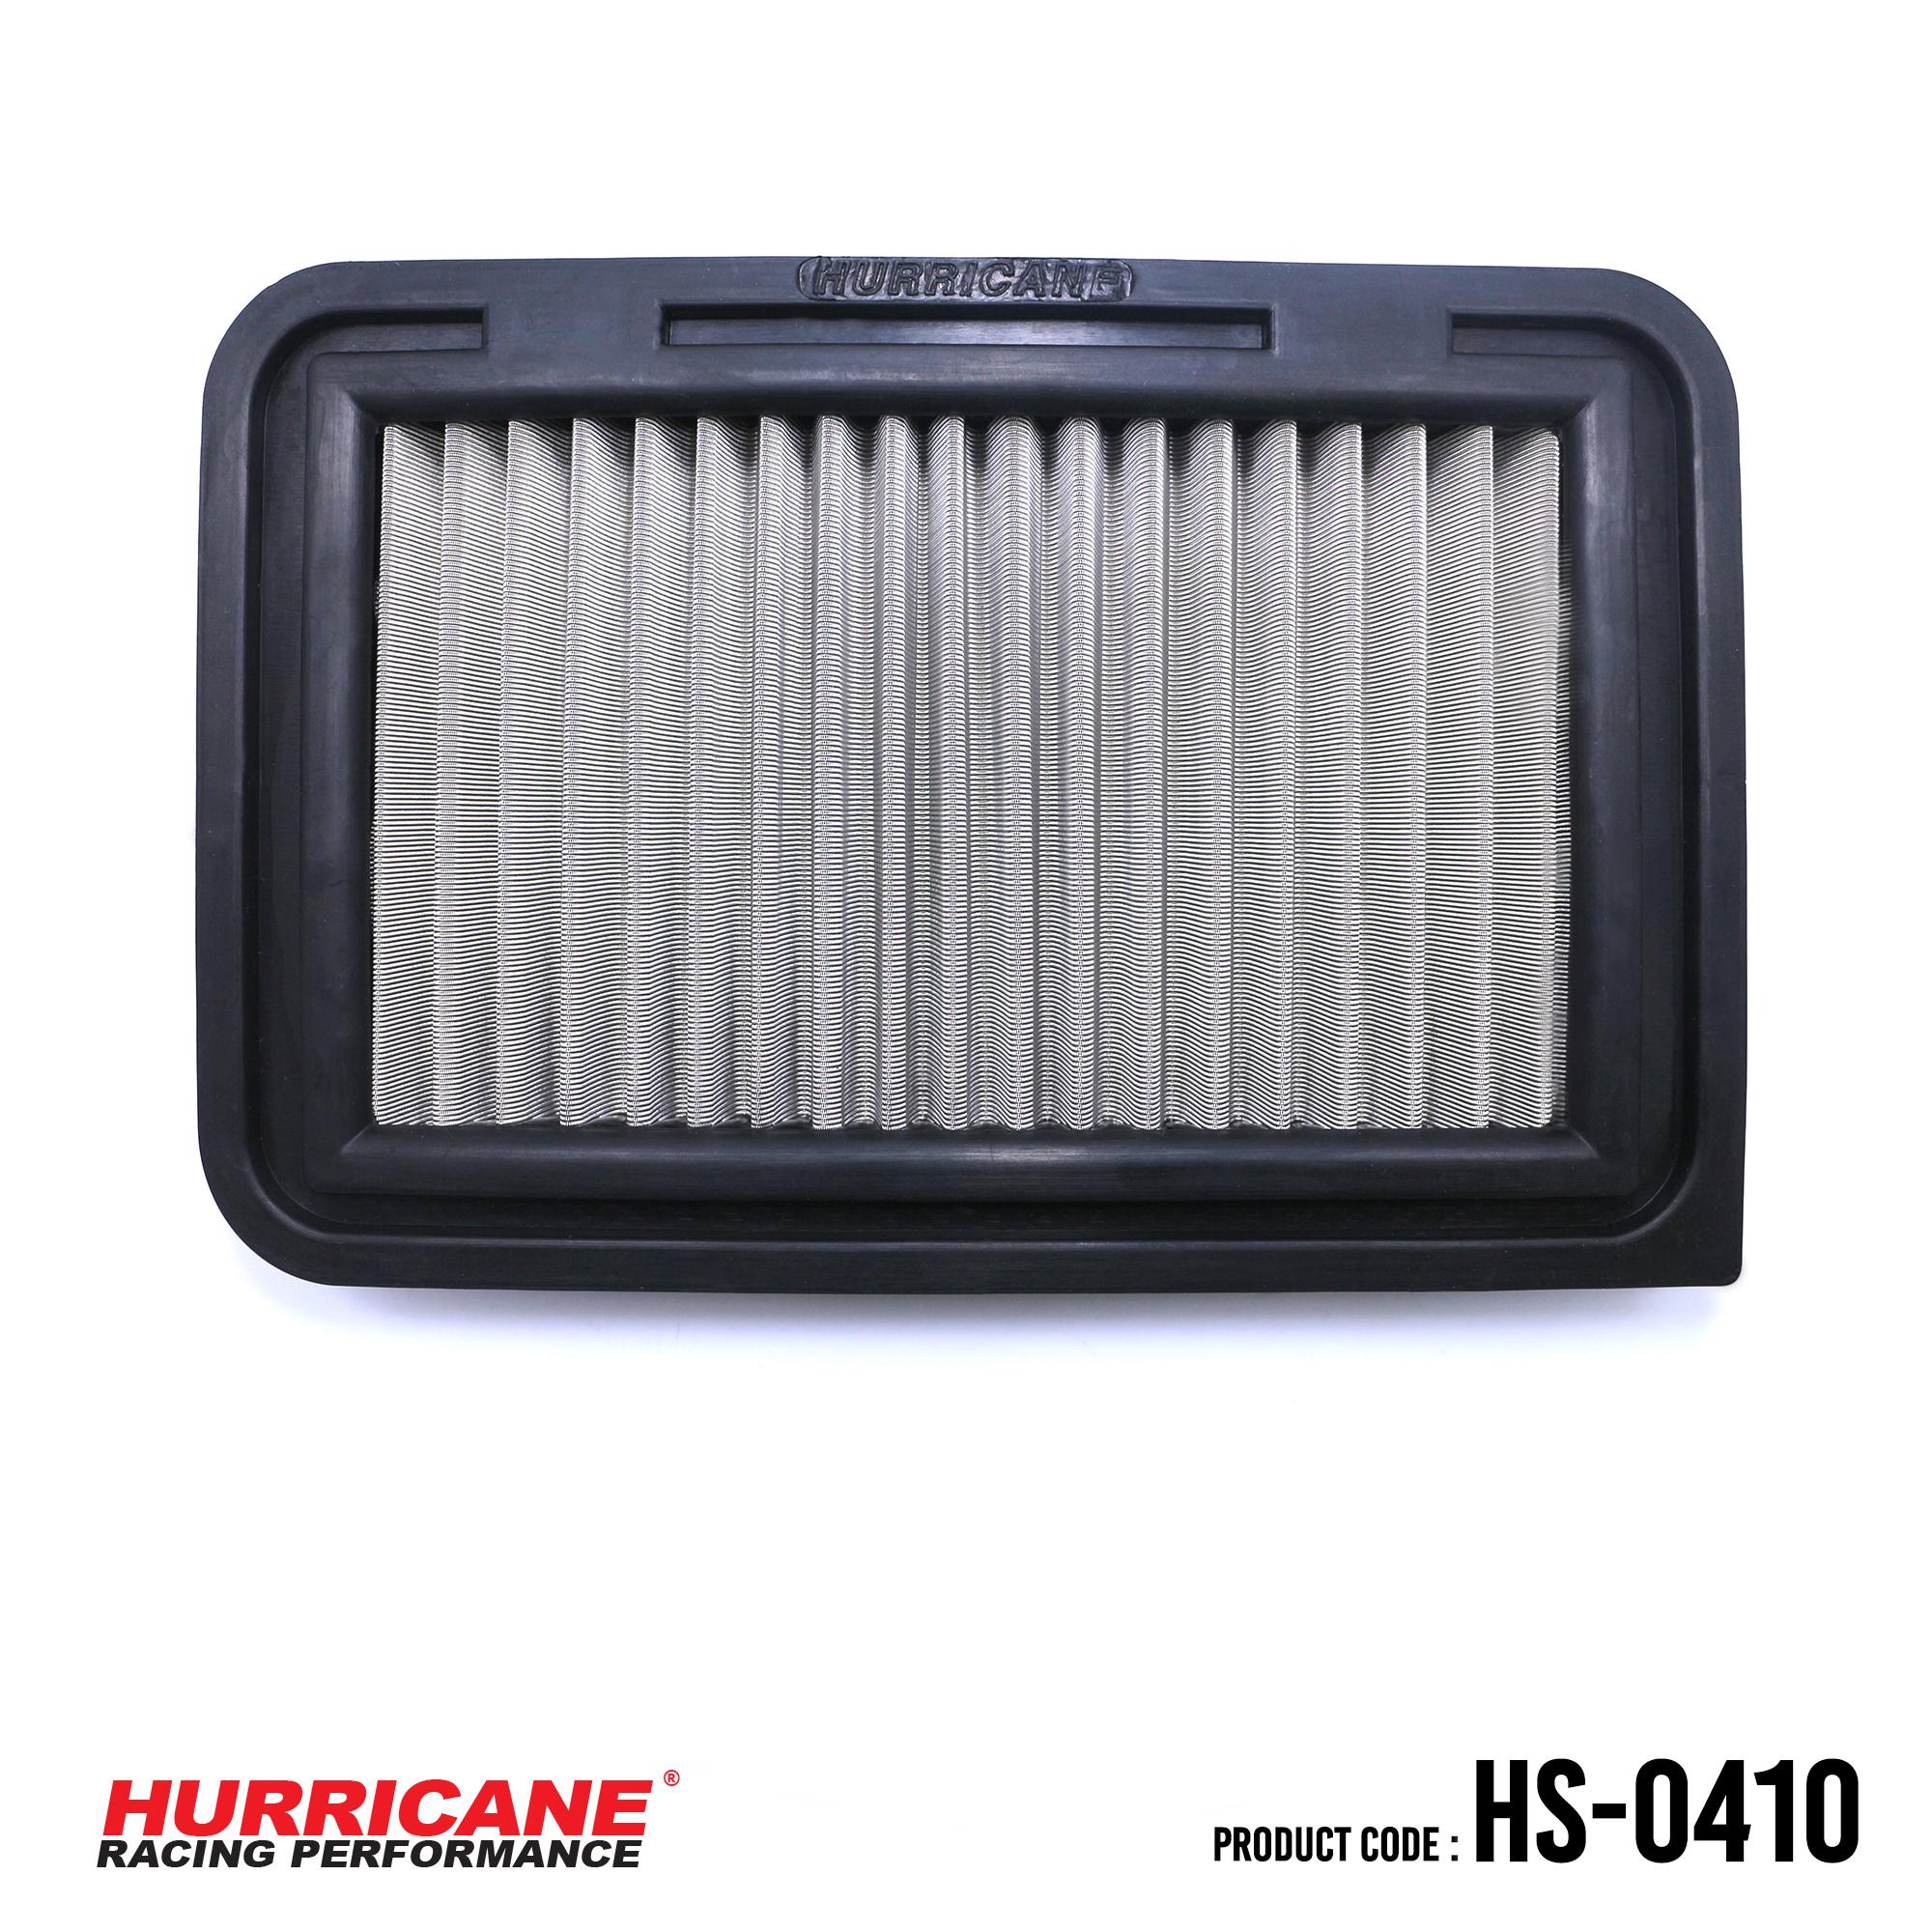 HURRICANE STAINLESS STEEL AIR FILTER FOR HS-0410 Suzuki